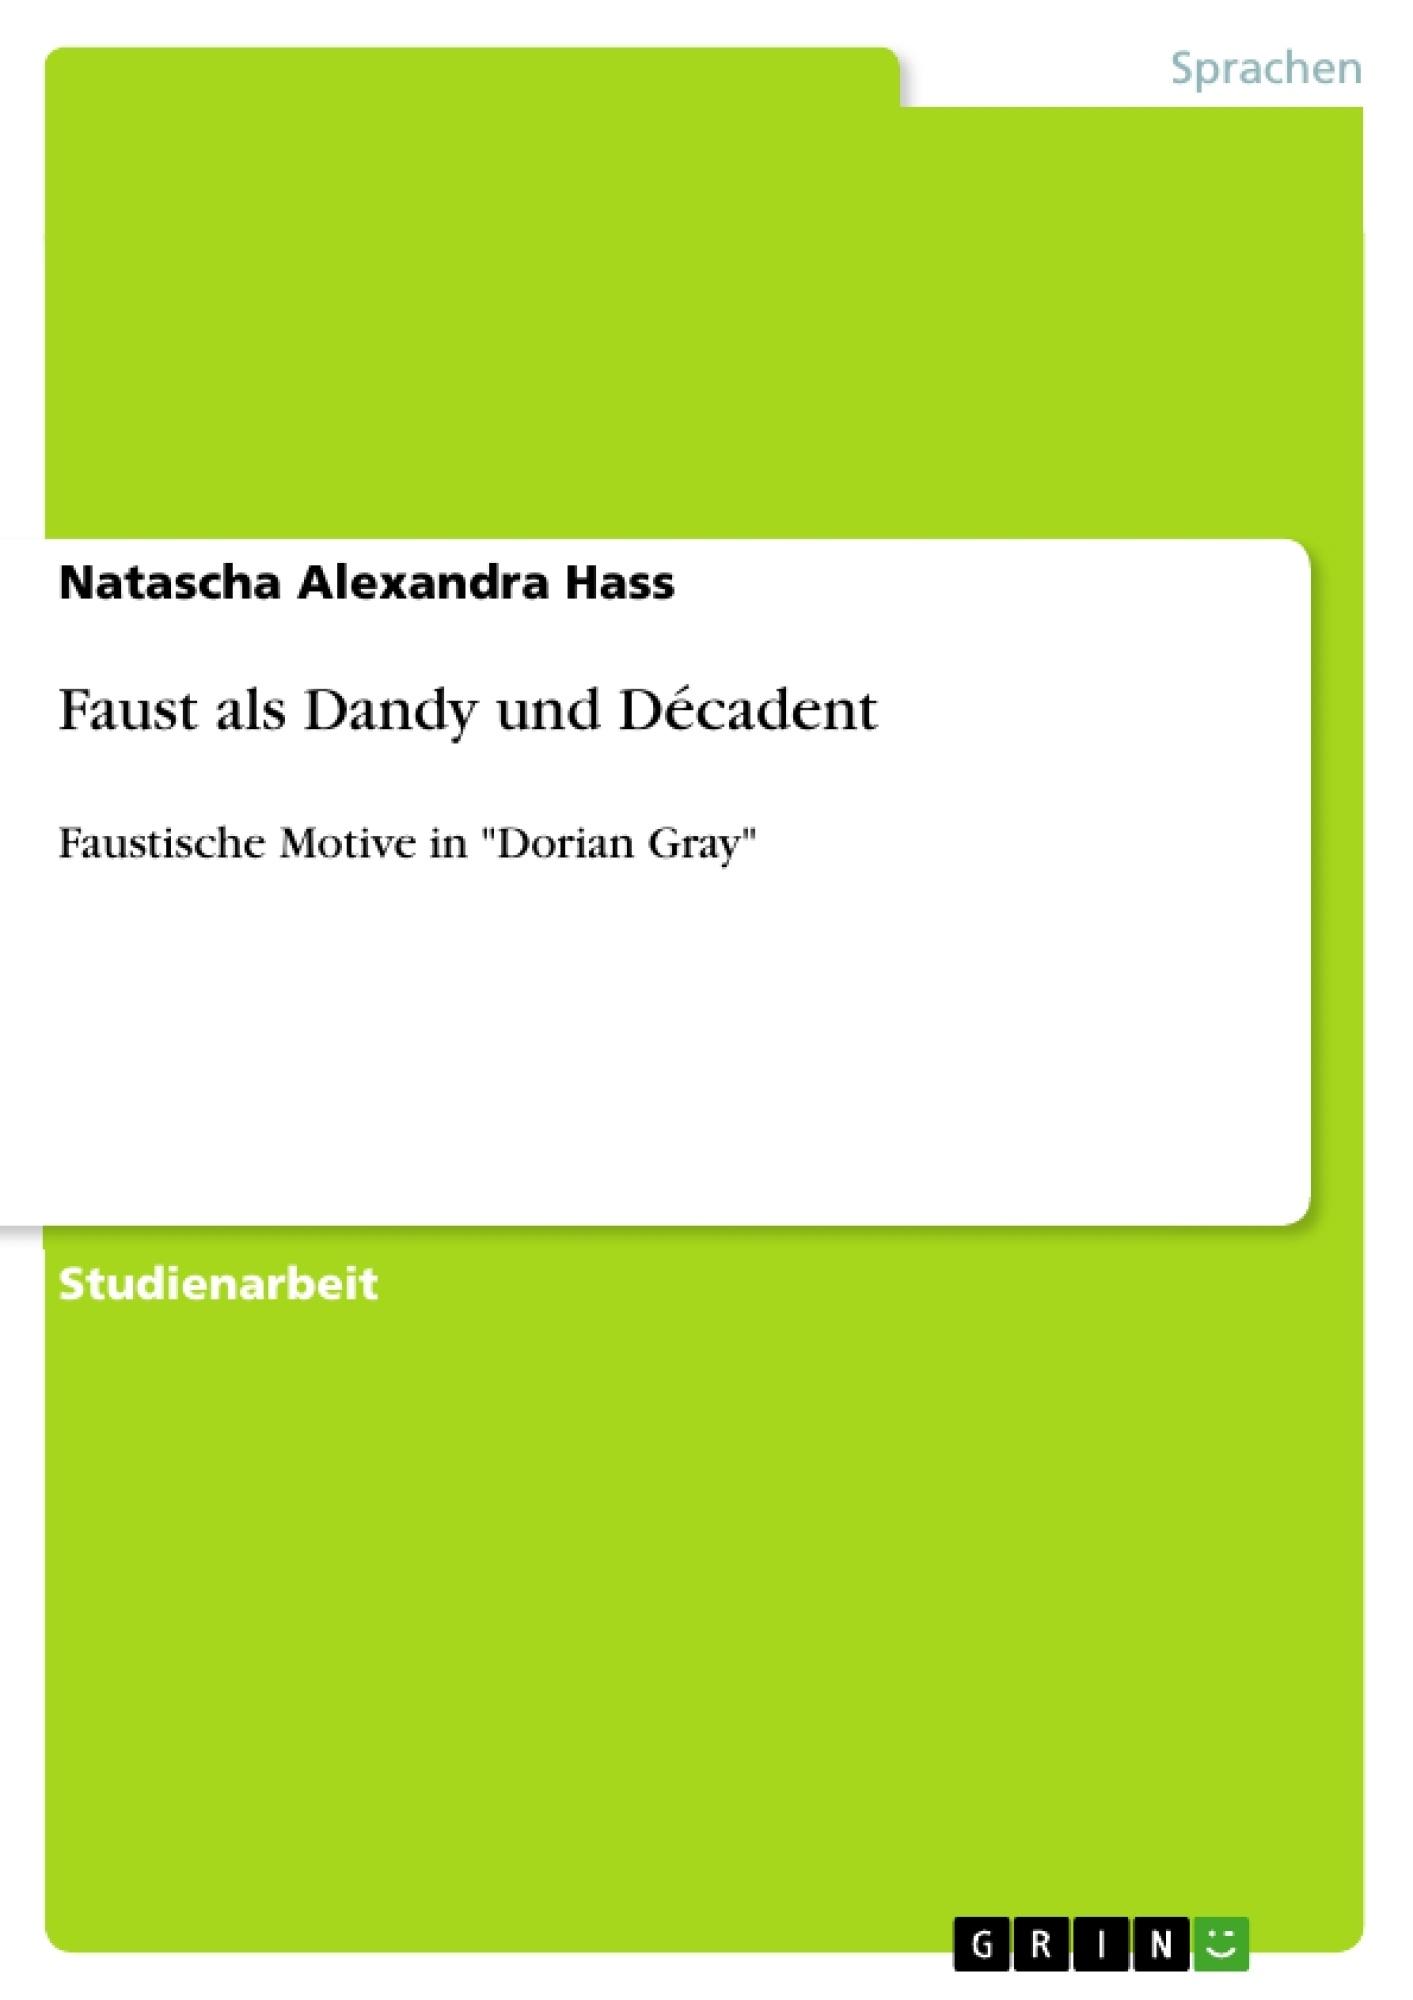 Titel: Faust als Dandy und Décadent